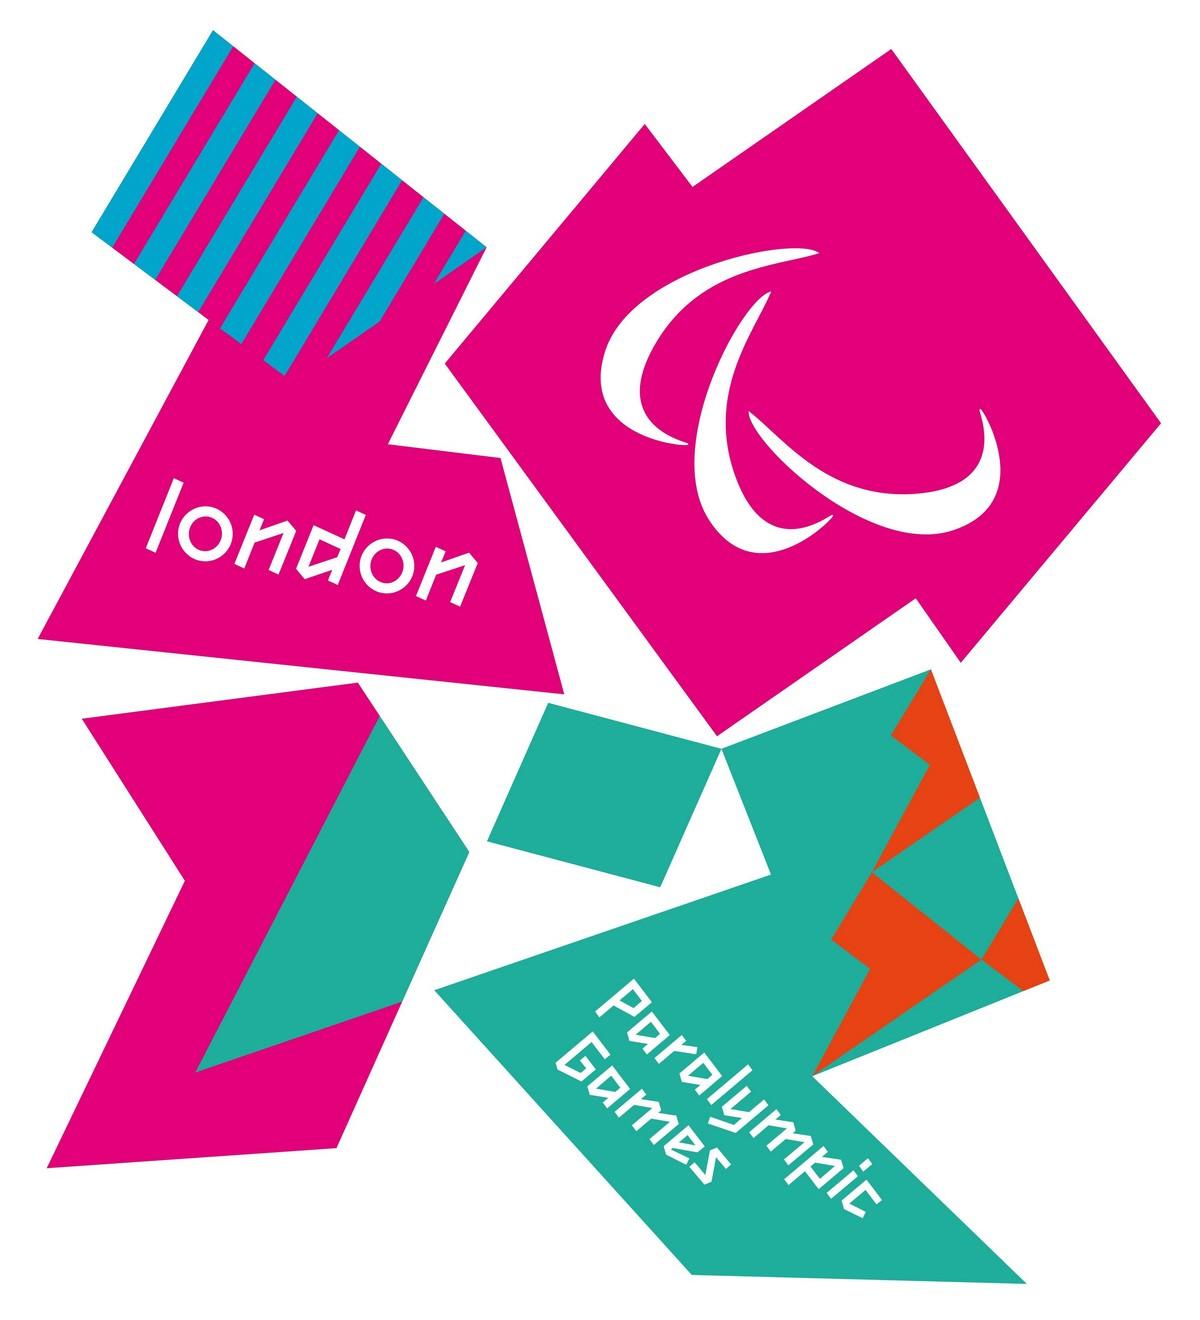 00 london paralympics 2012 logo